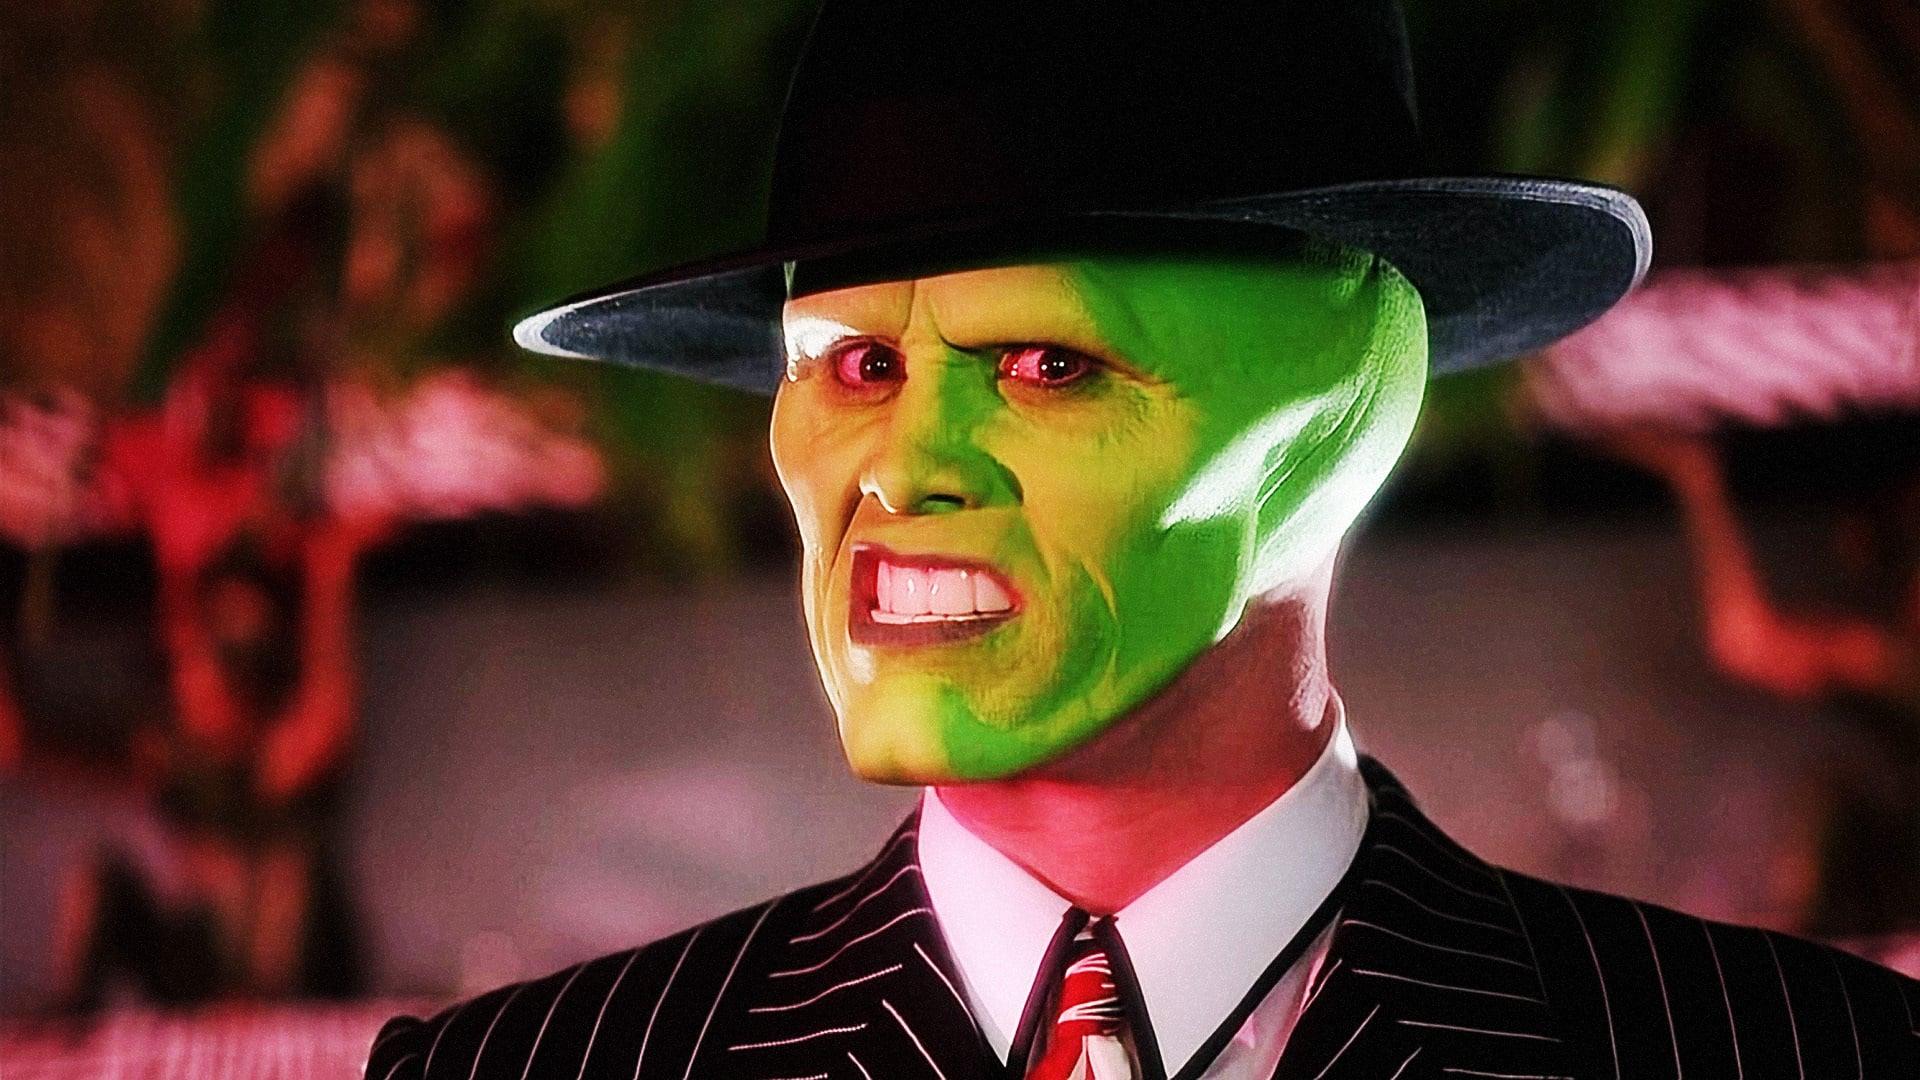 вечнозеленый маска джим керри картинки выступил качестве сценариста